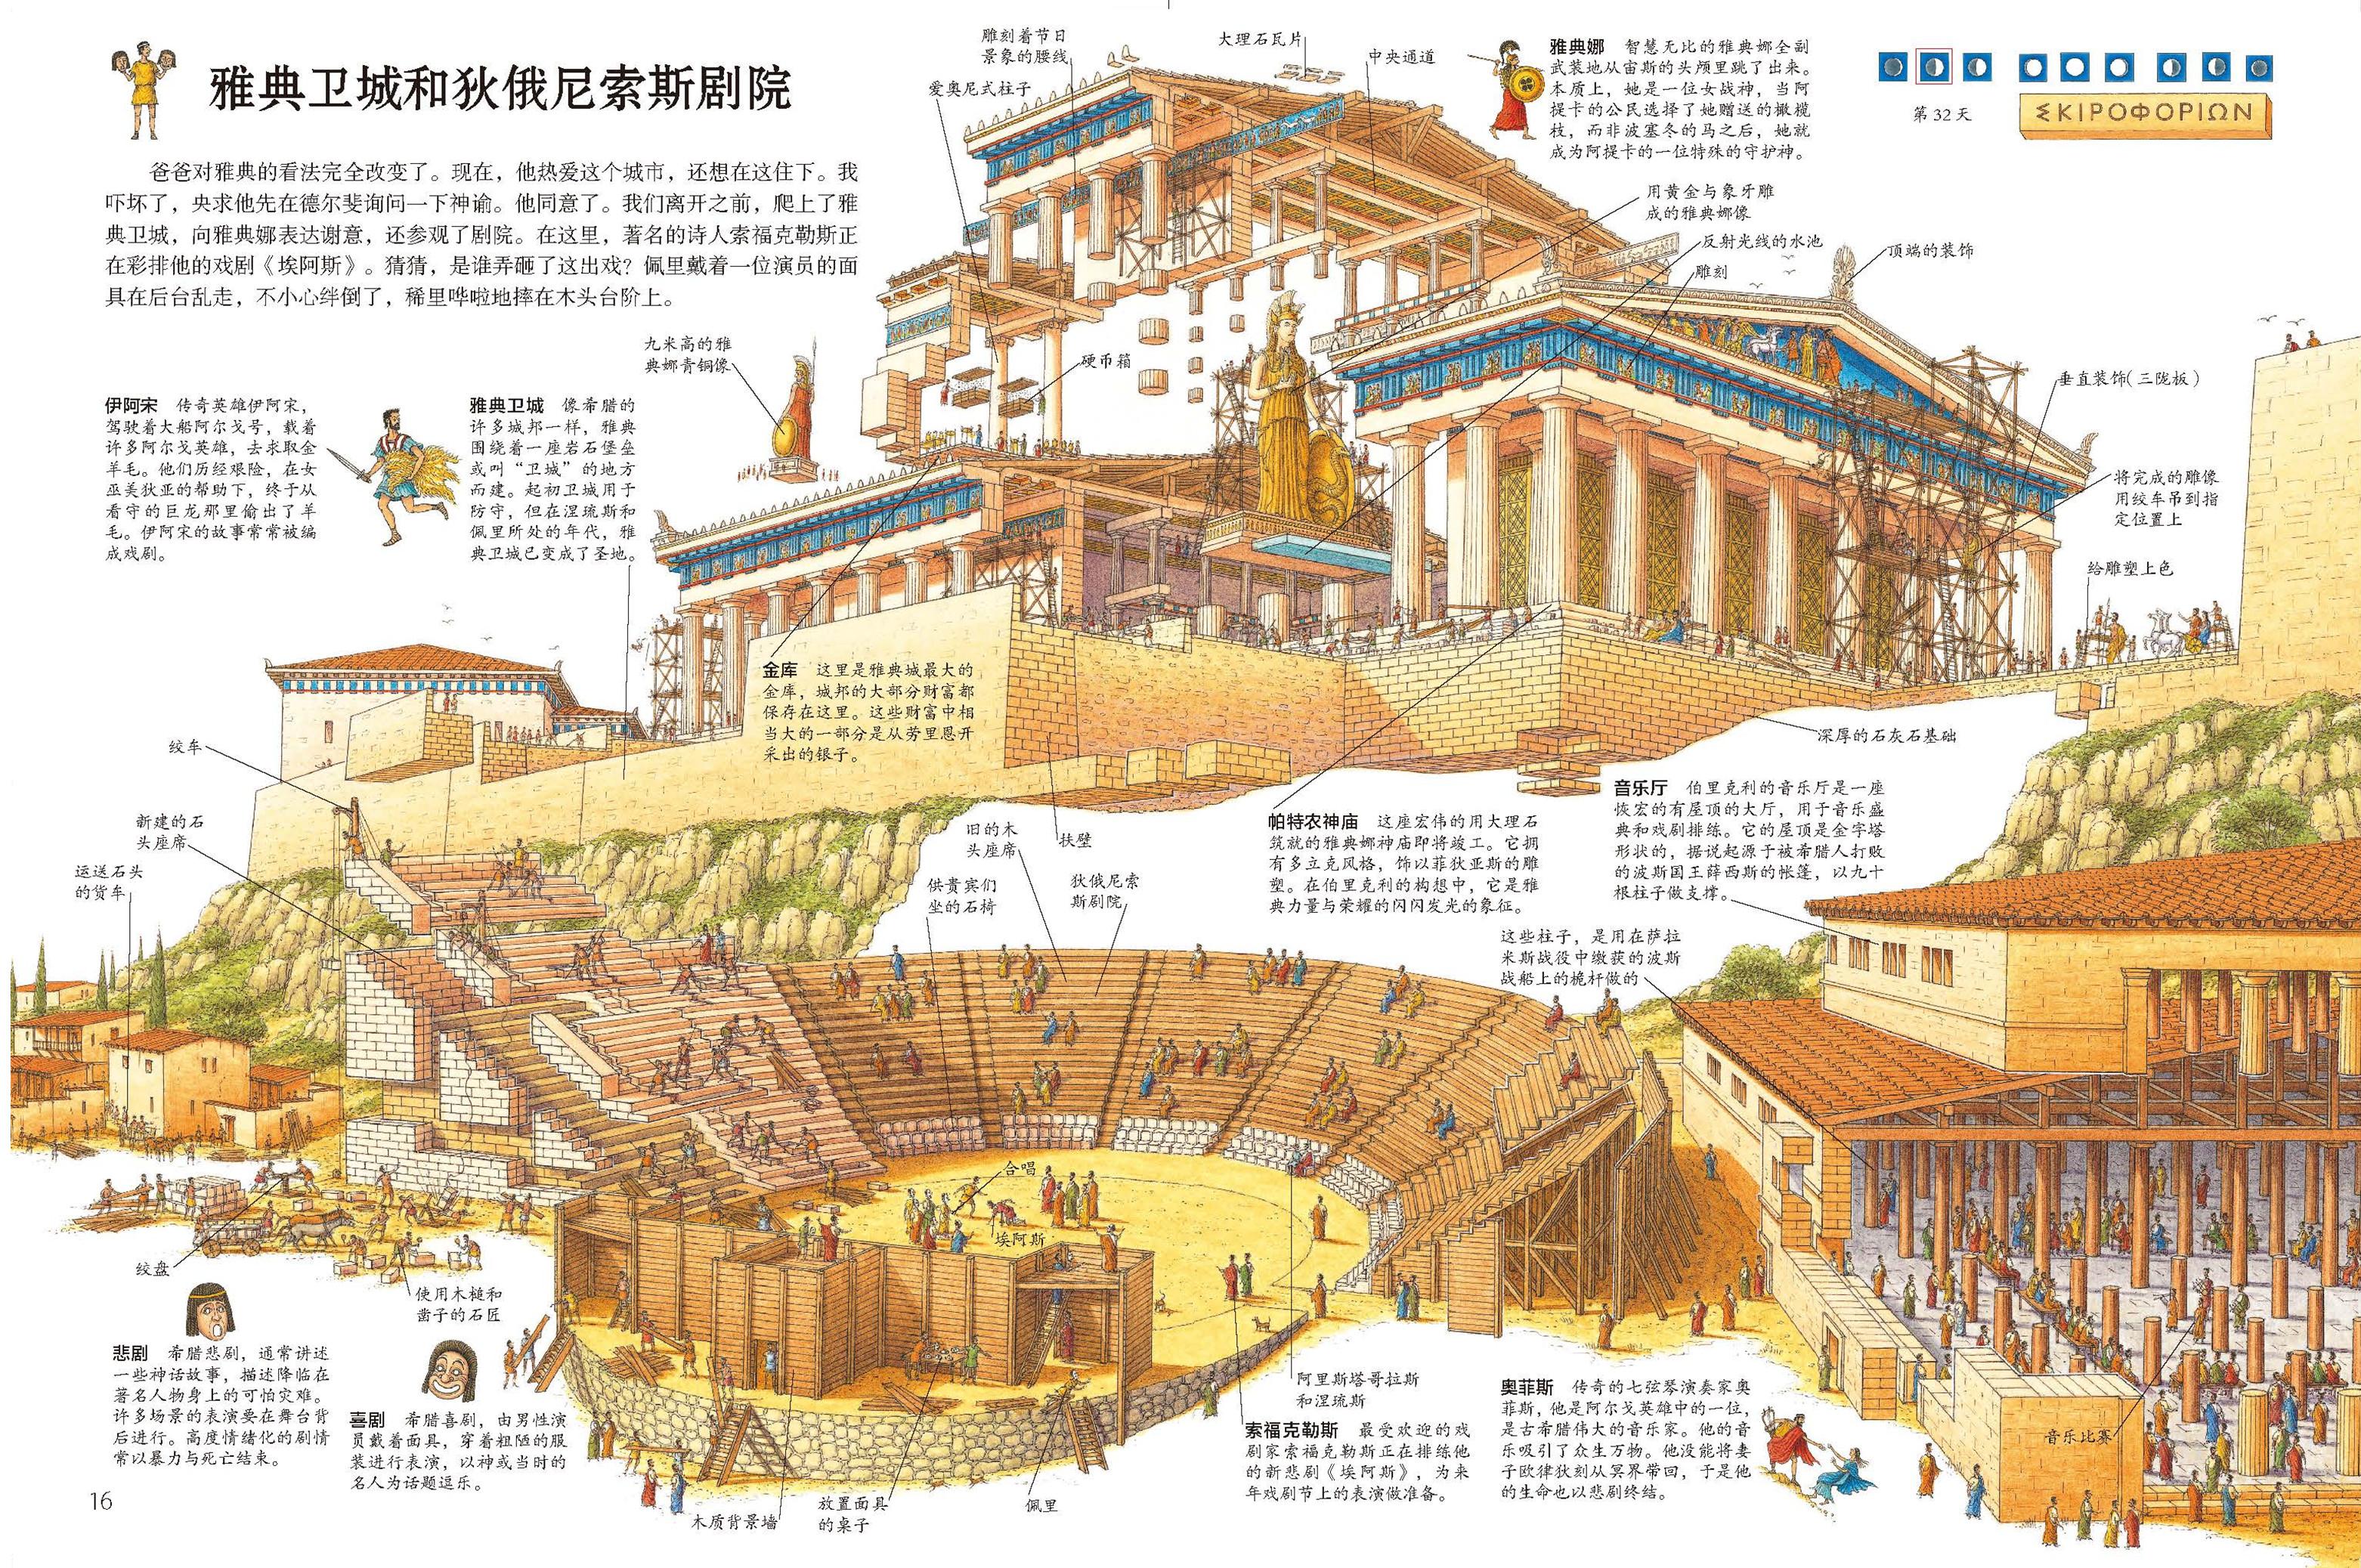 古代繁华街道手绘